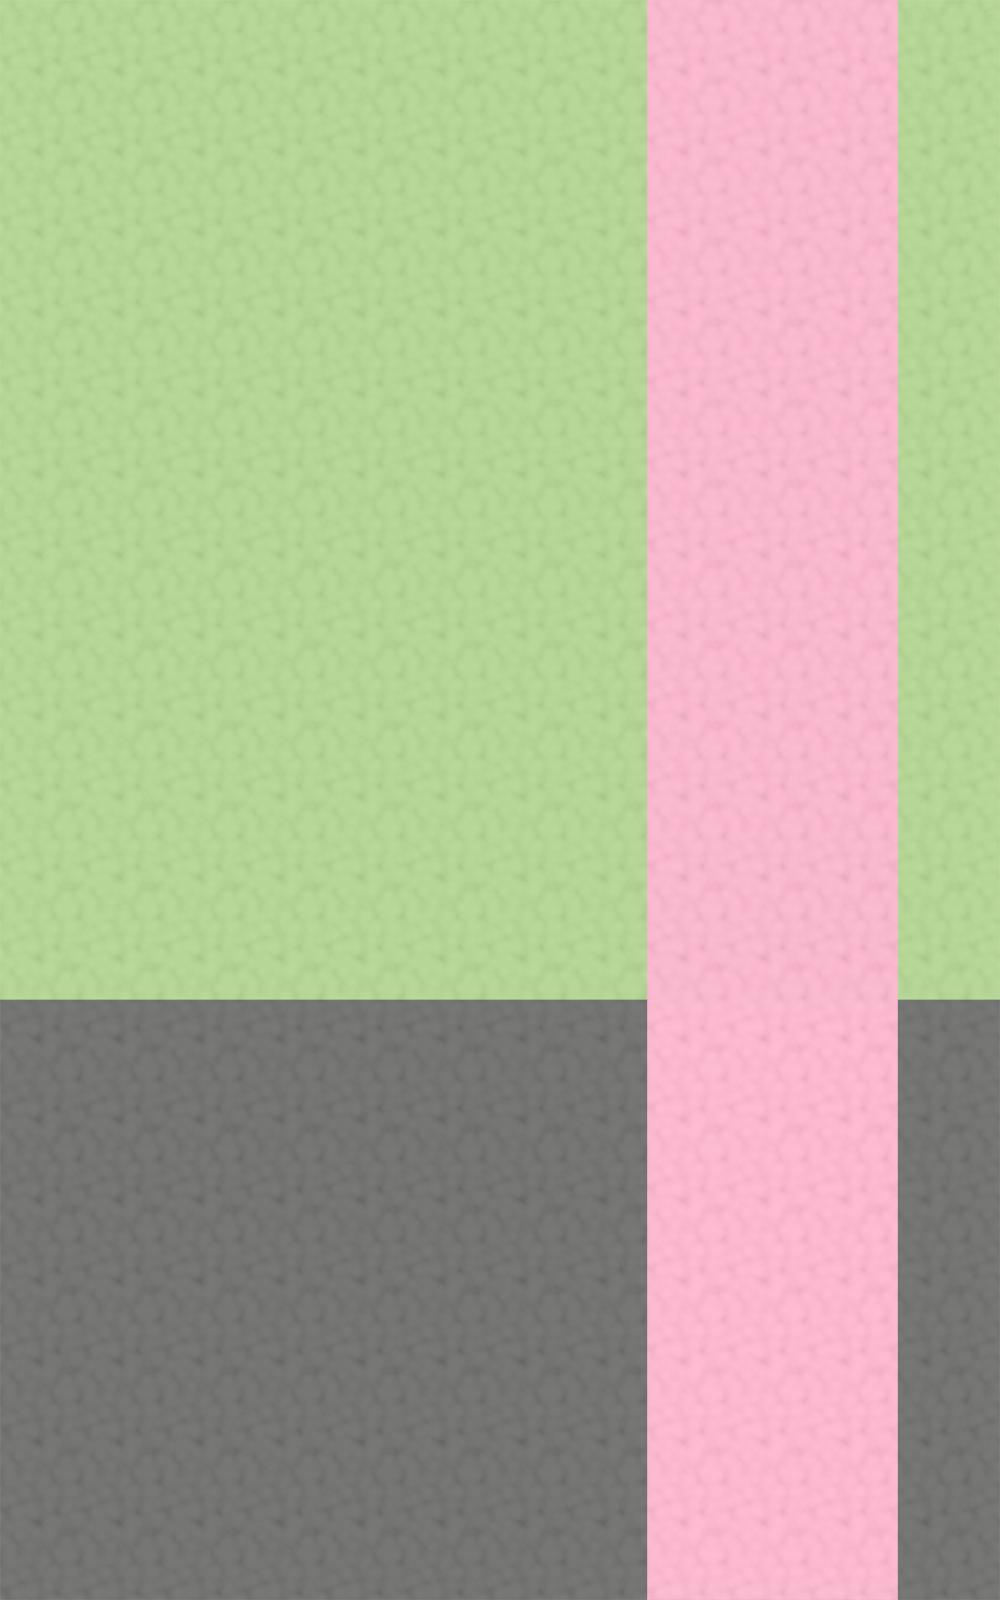 和紙風の表紙画像(2-g)